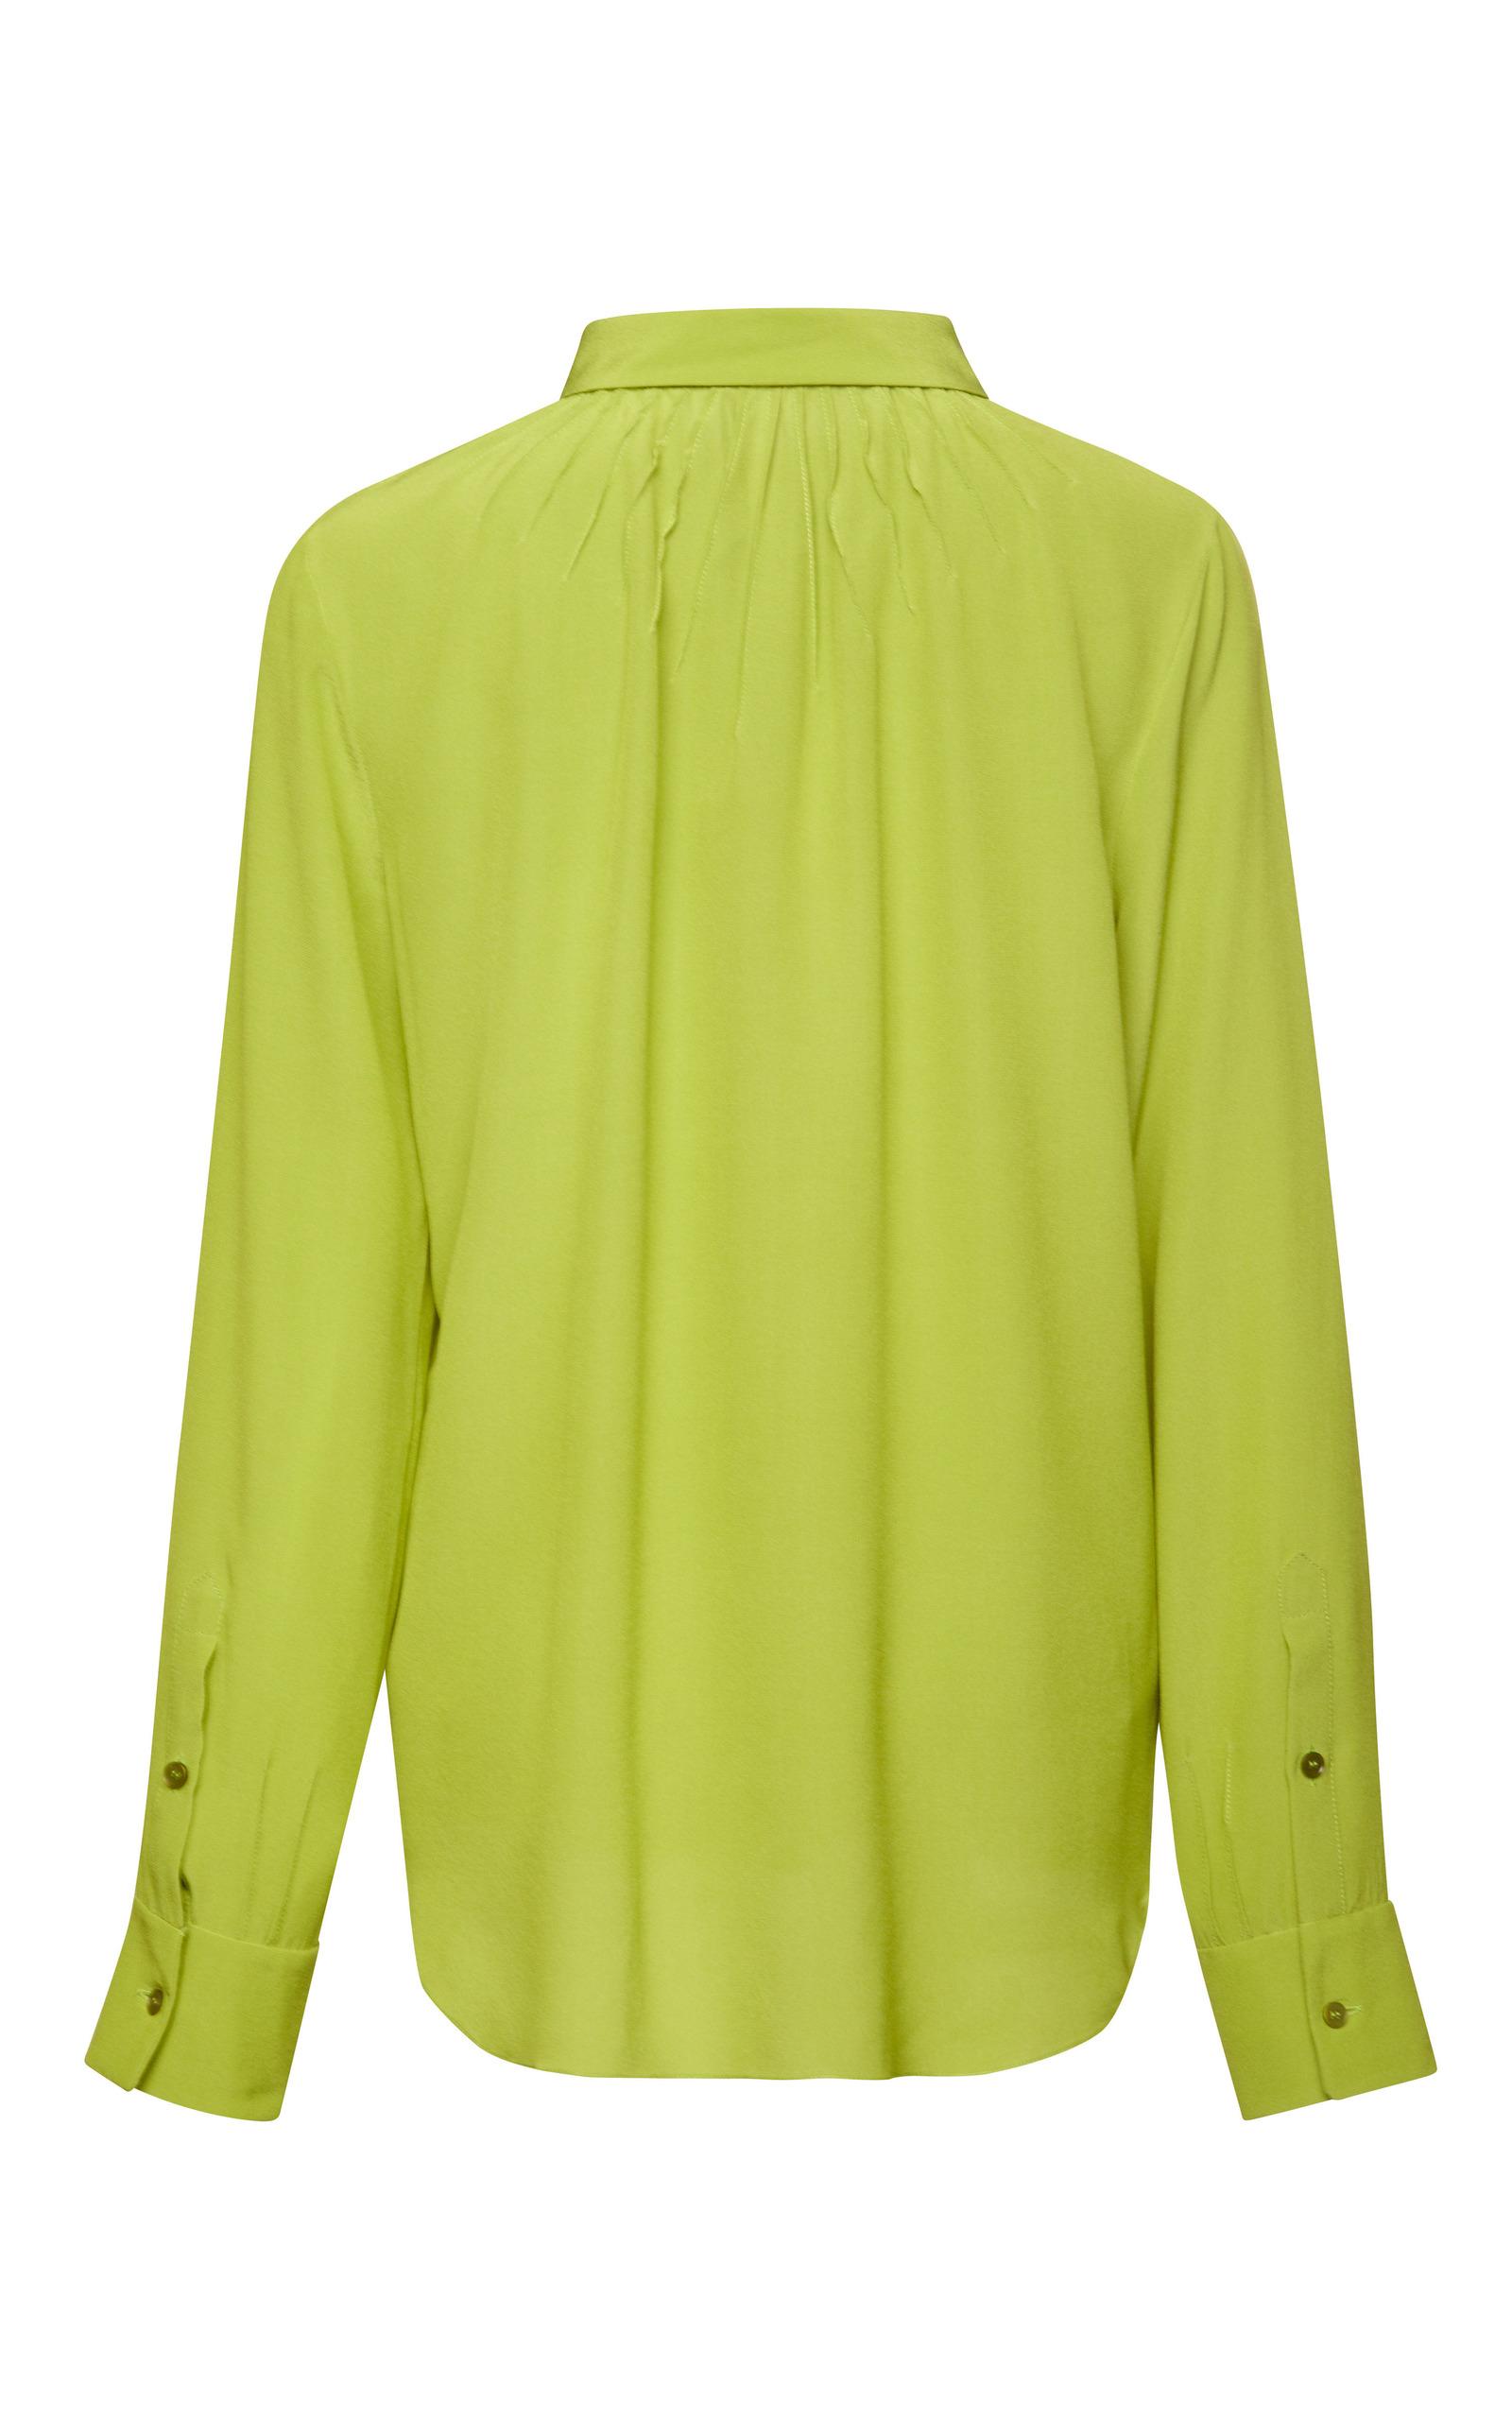 8f76134a347d2 Lime Green Pintuck Silk Chiffon Blouse